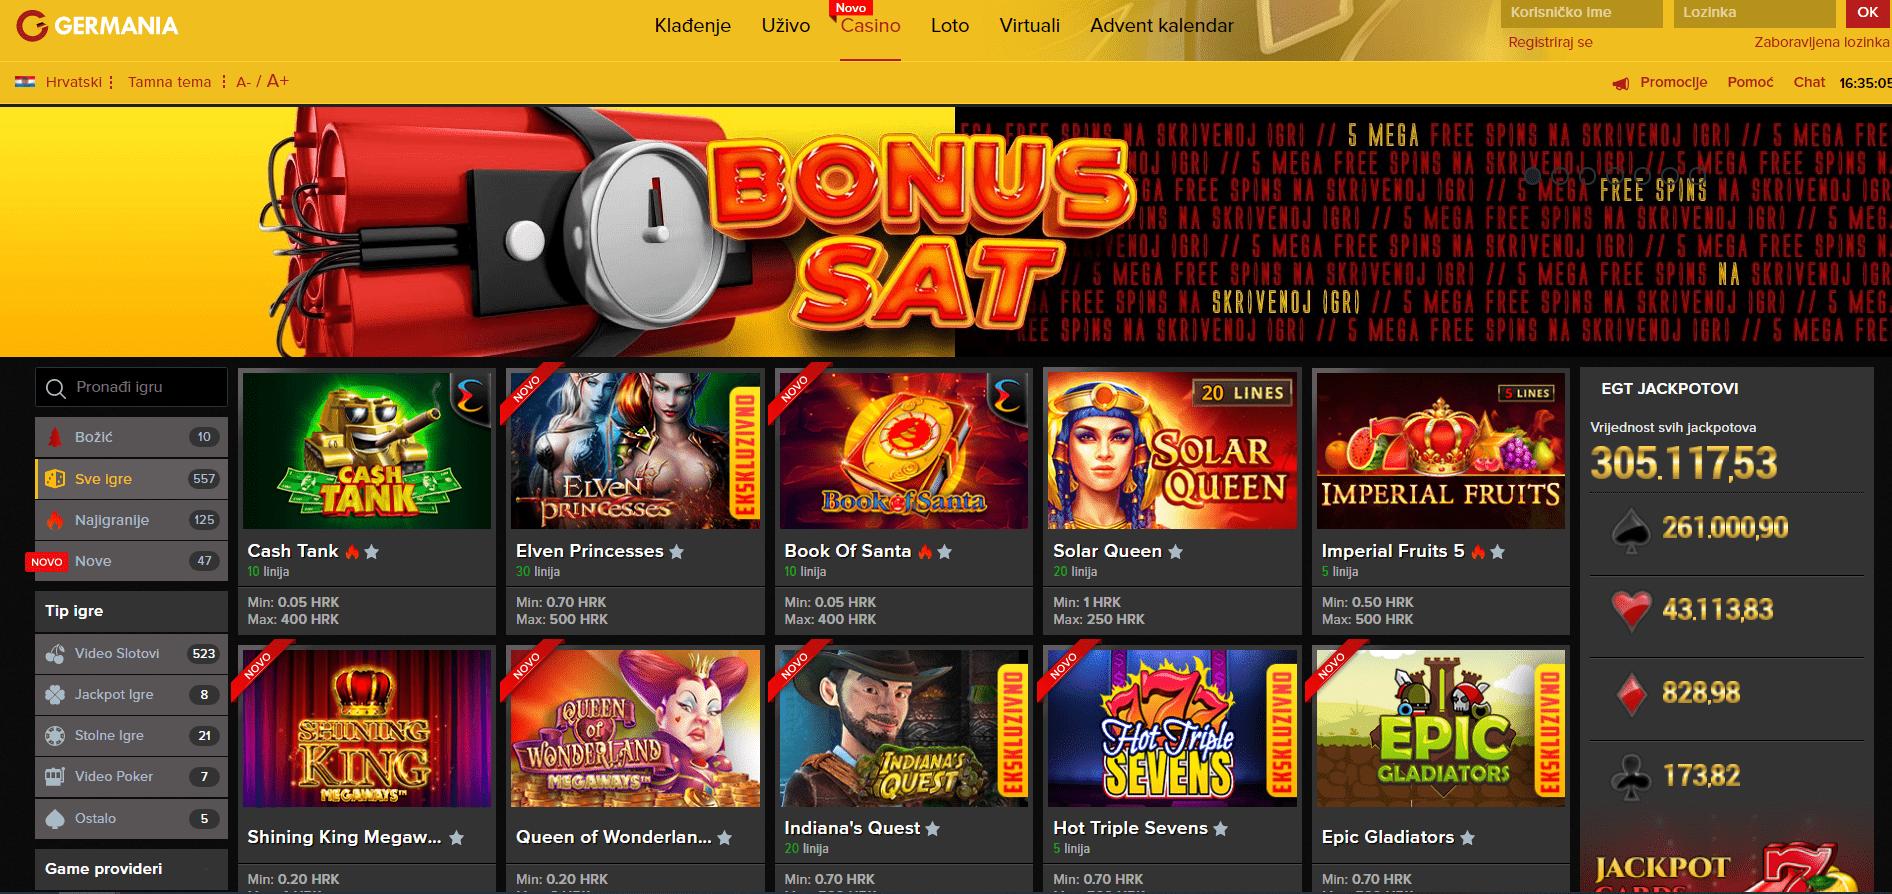 Najbolji Online Casino -Germania Sport Casino